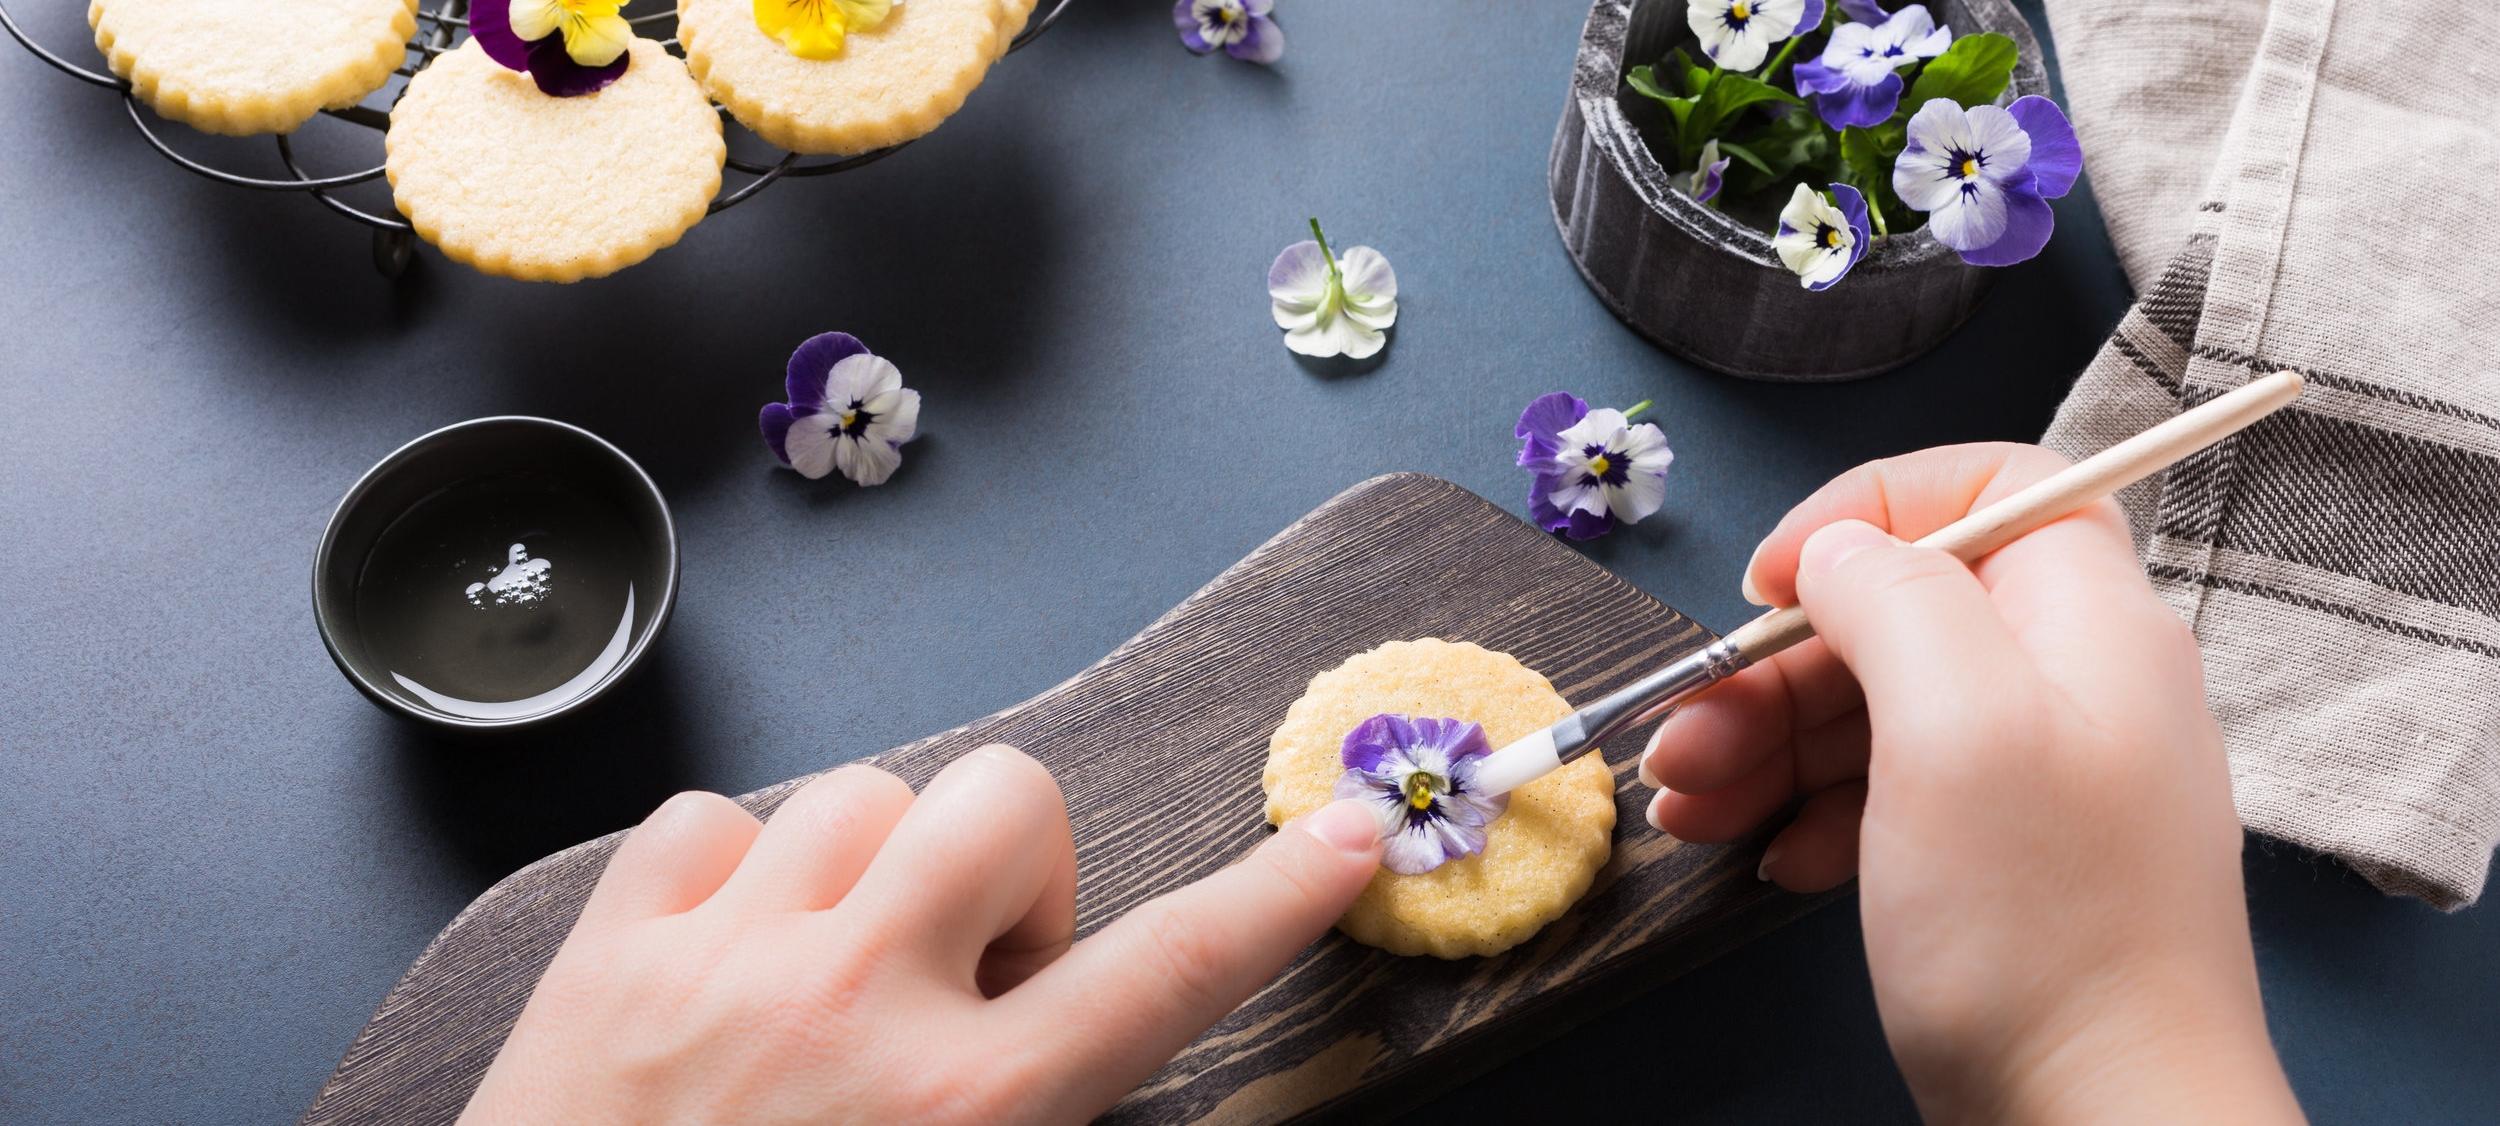 Floral Tea & Cookies -